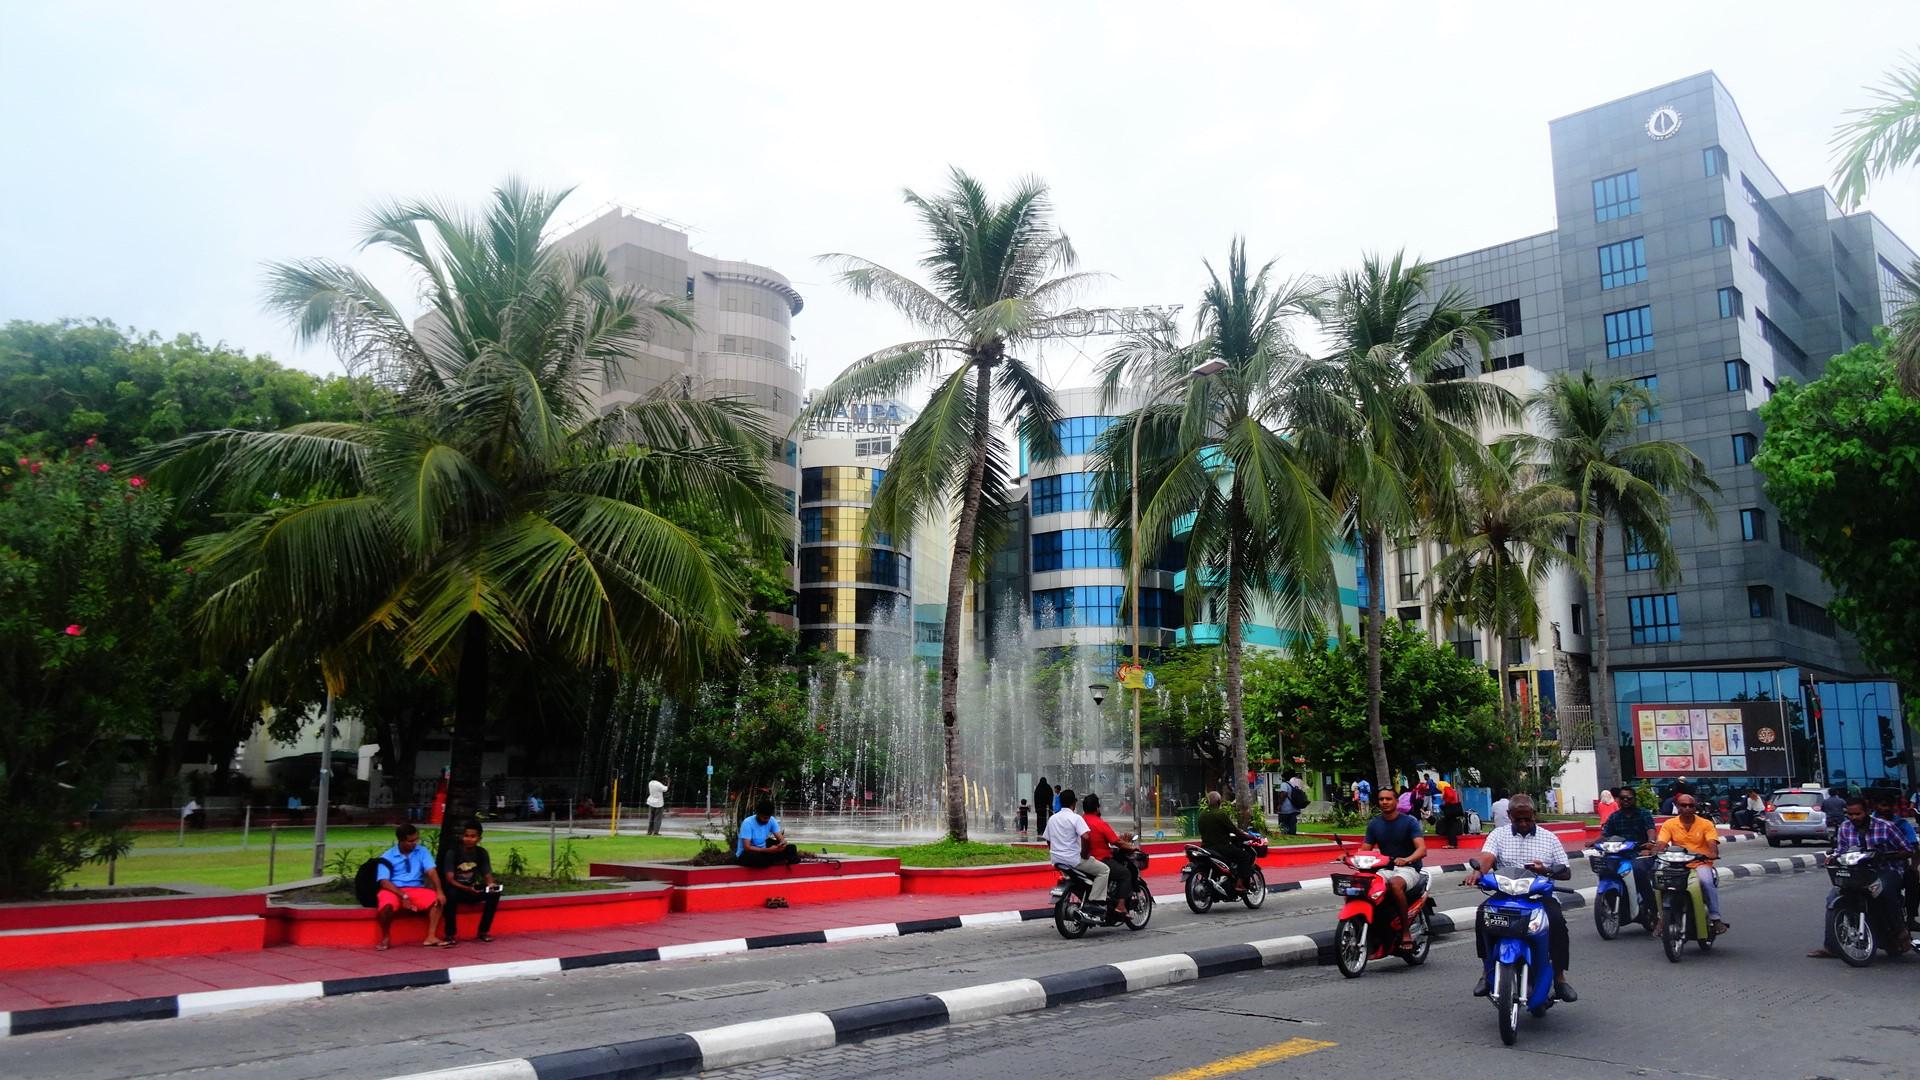 Verkeer in de hoofdstad Male van de Malediven